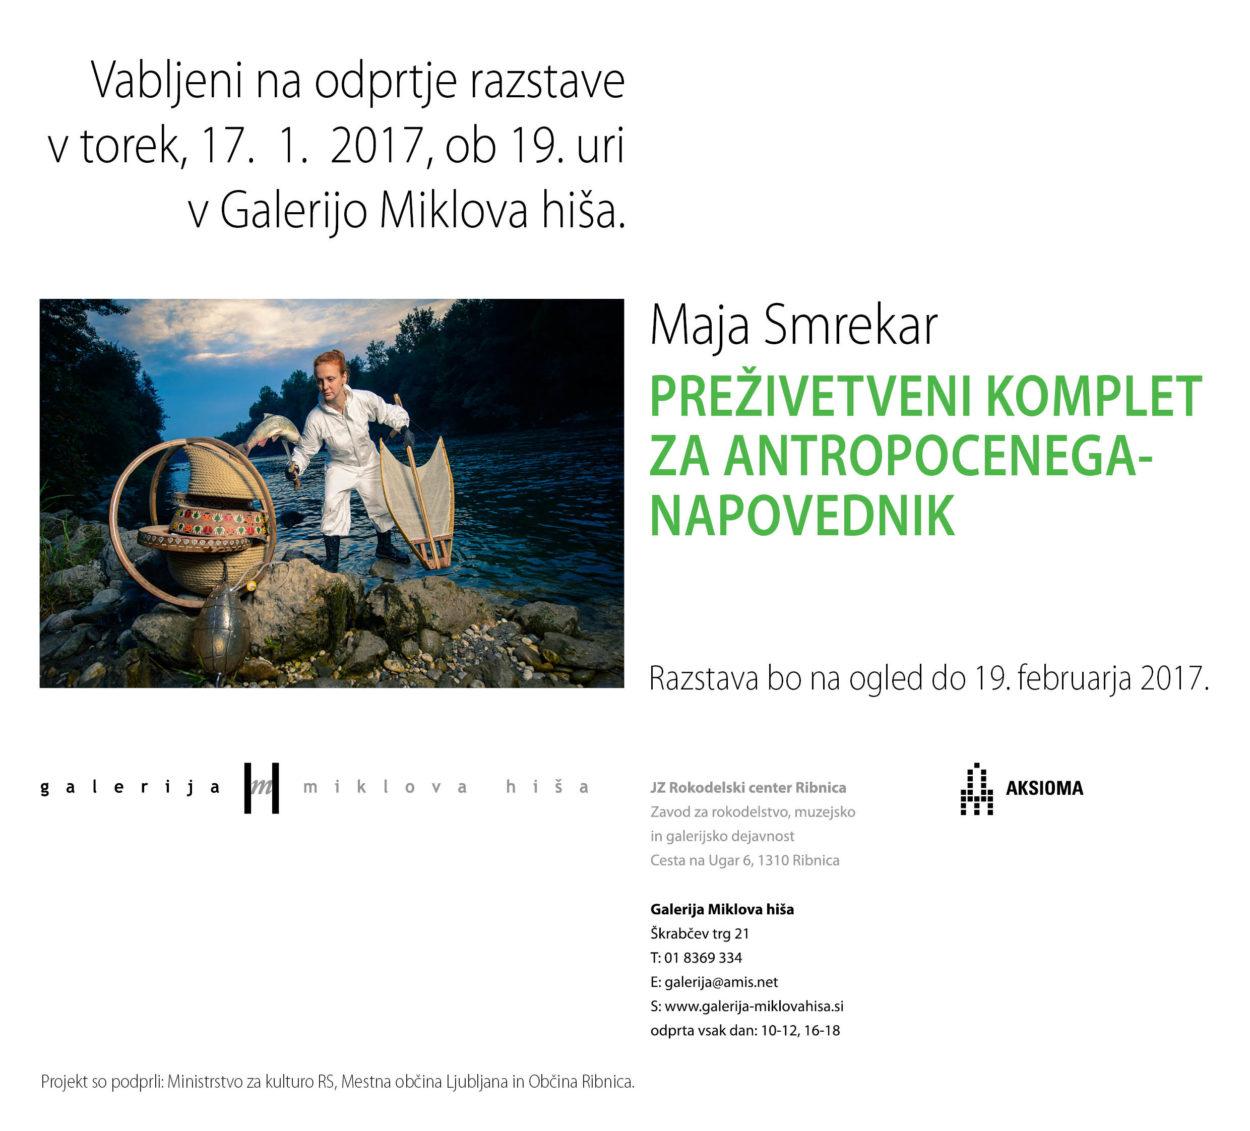 Odprtje razstave Maje Smrekar: Preživetveni komplet za Antropocenega: napovednik